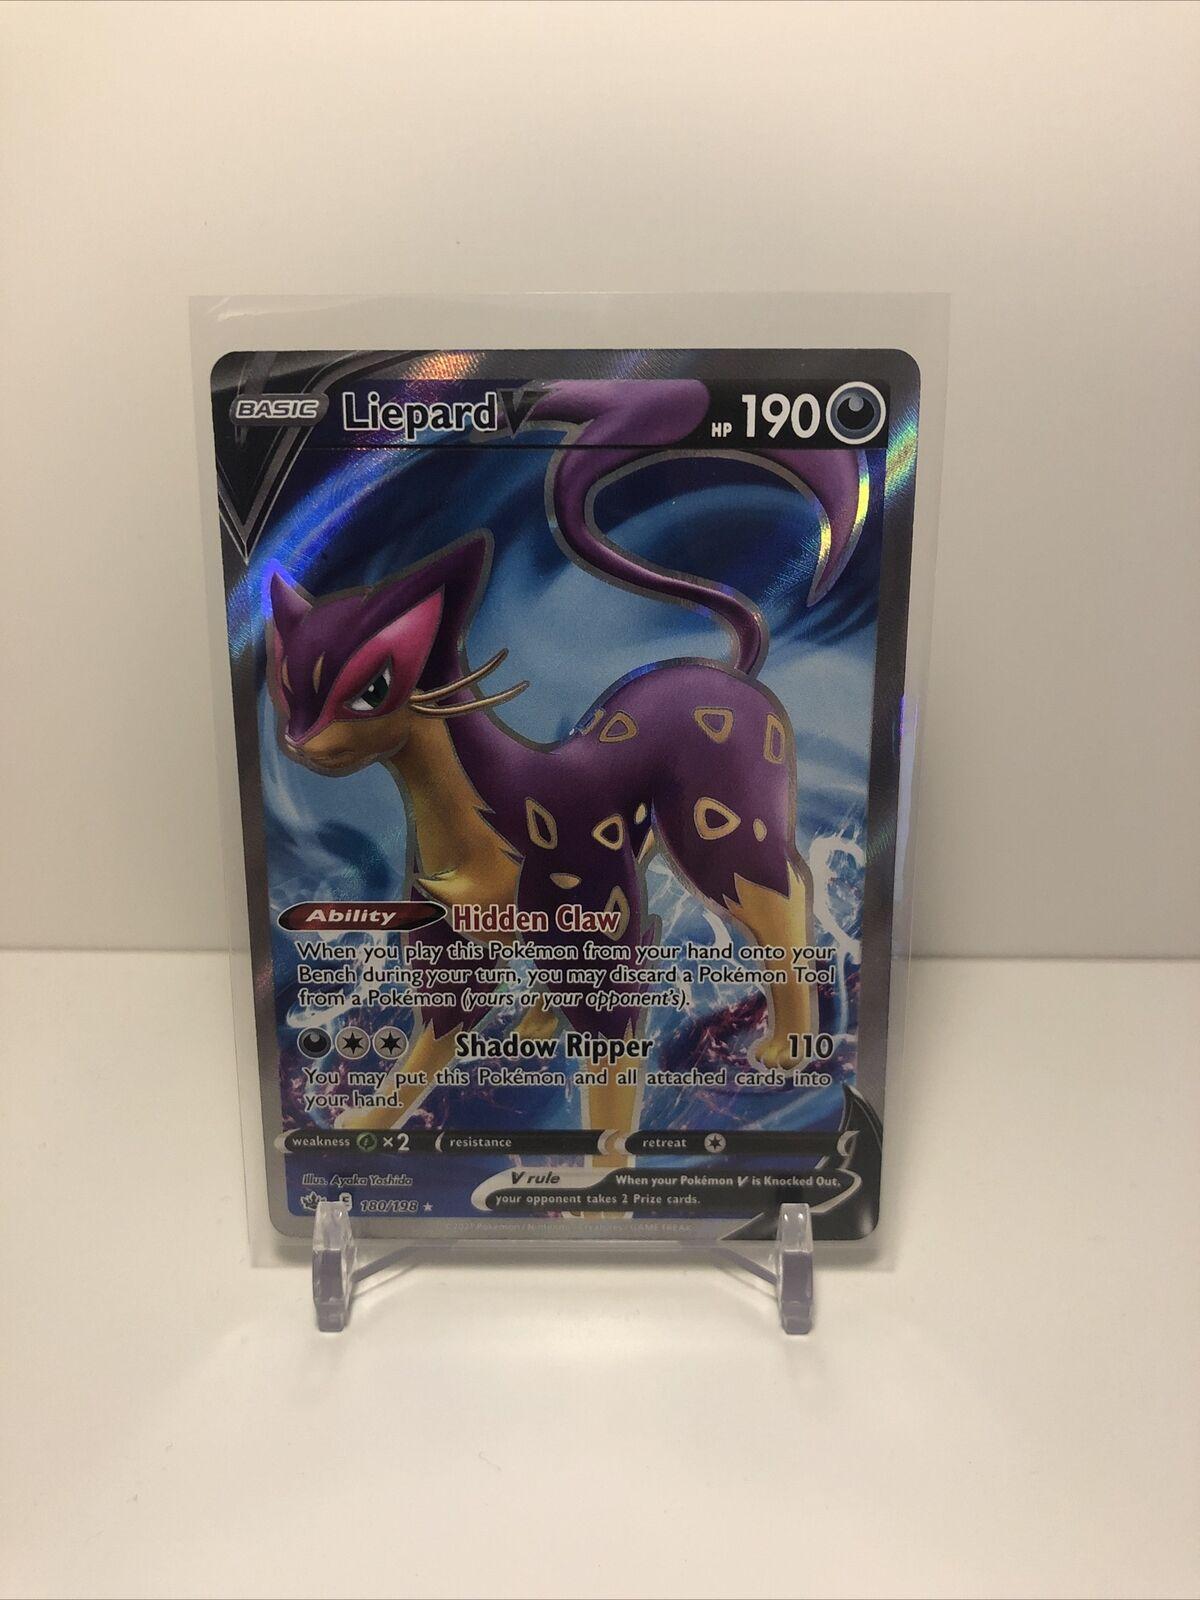 Liepard V Pokémon Card (Chilling Reign 180/198) Full Art